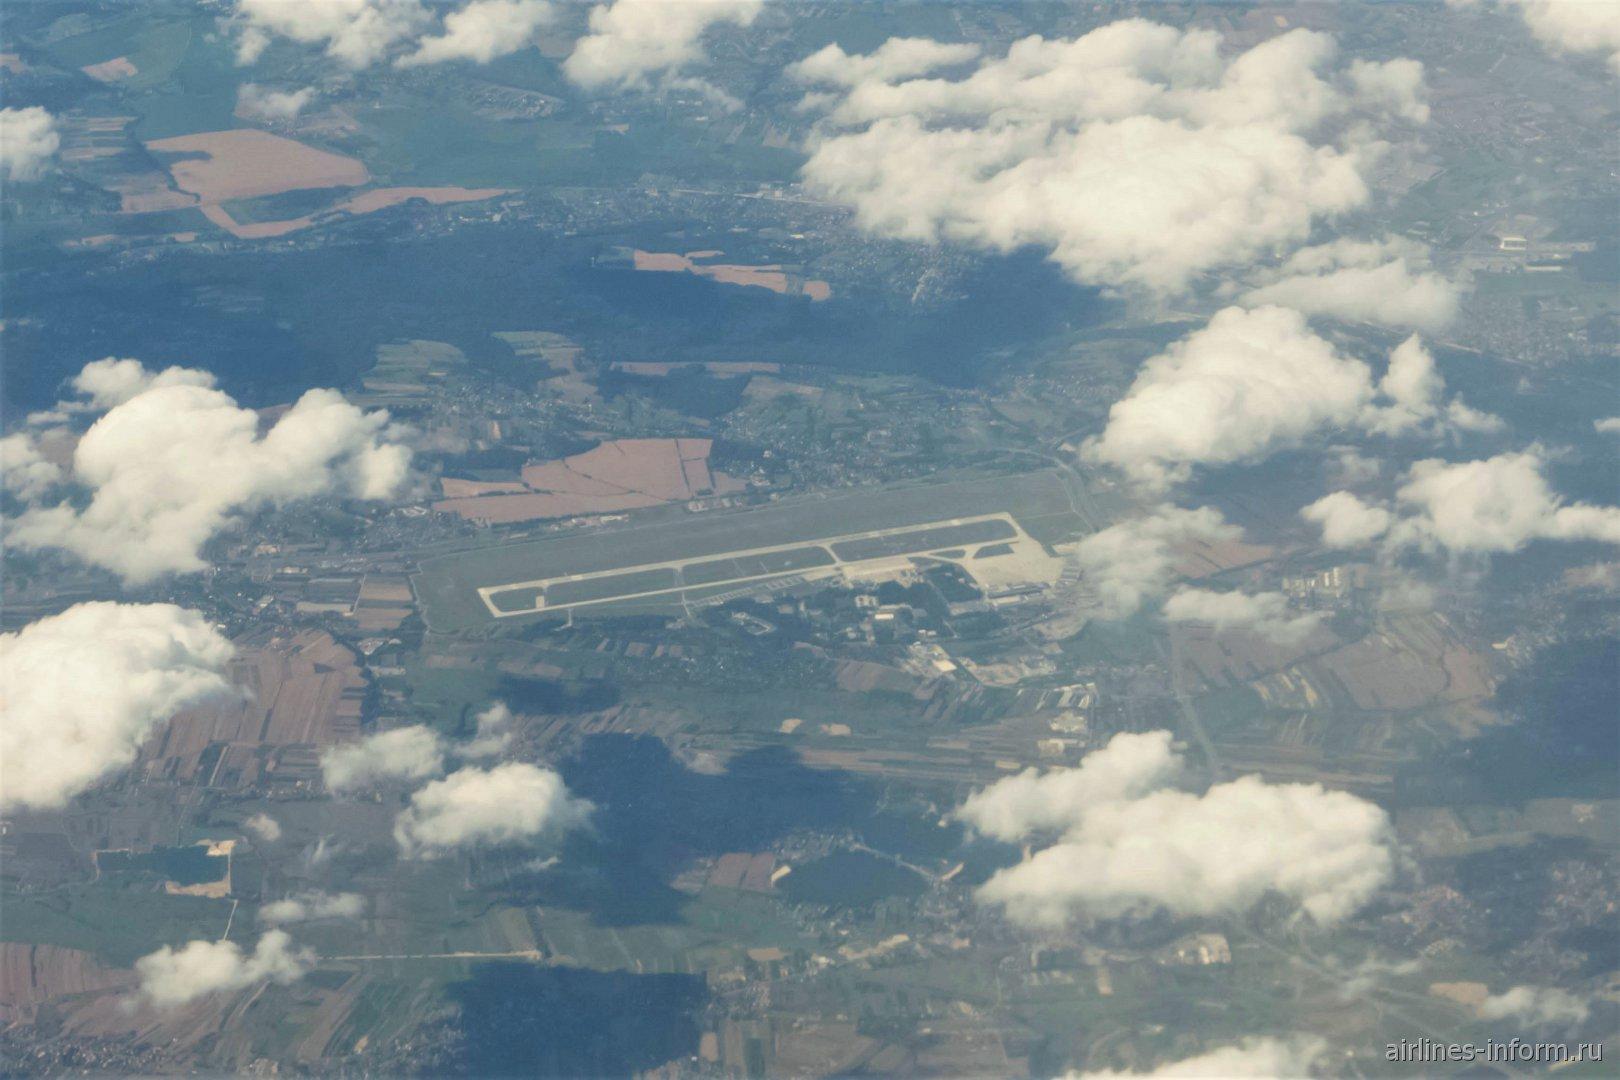 Вид сверху на аэропорт Краков